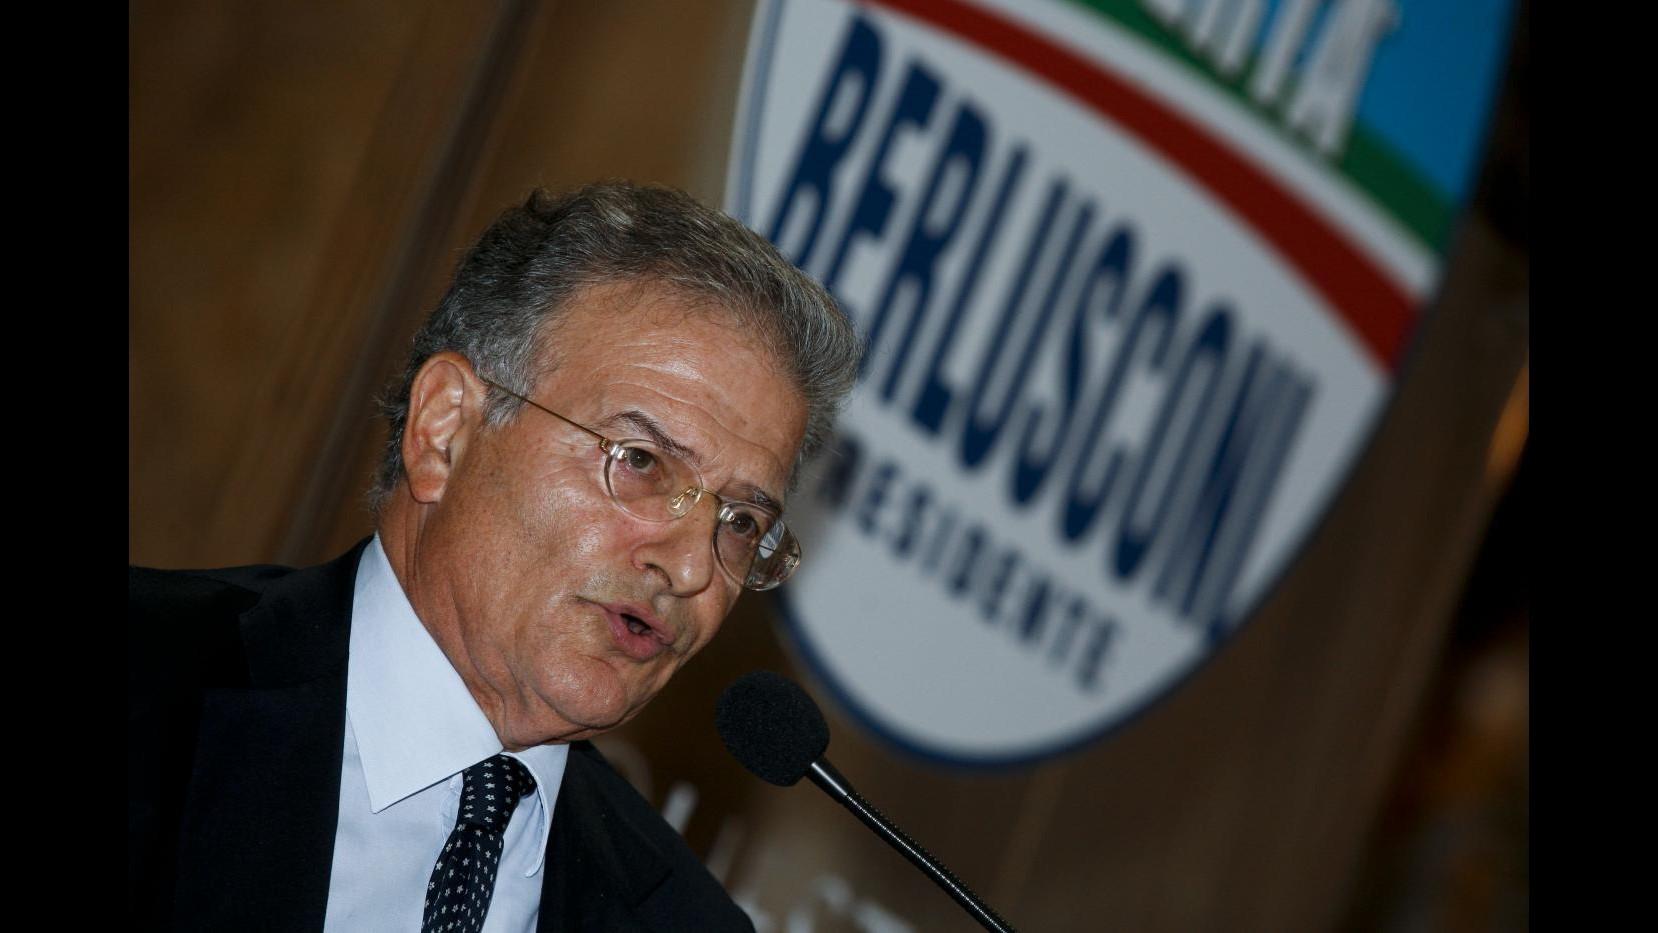 Tangenti, Cicchitto: Perchè arresto preventivo Mantovani?